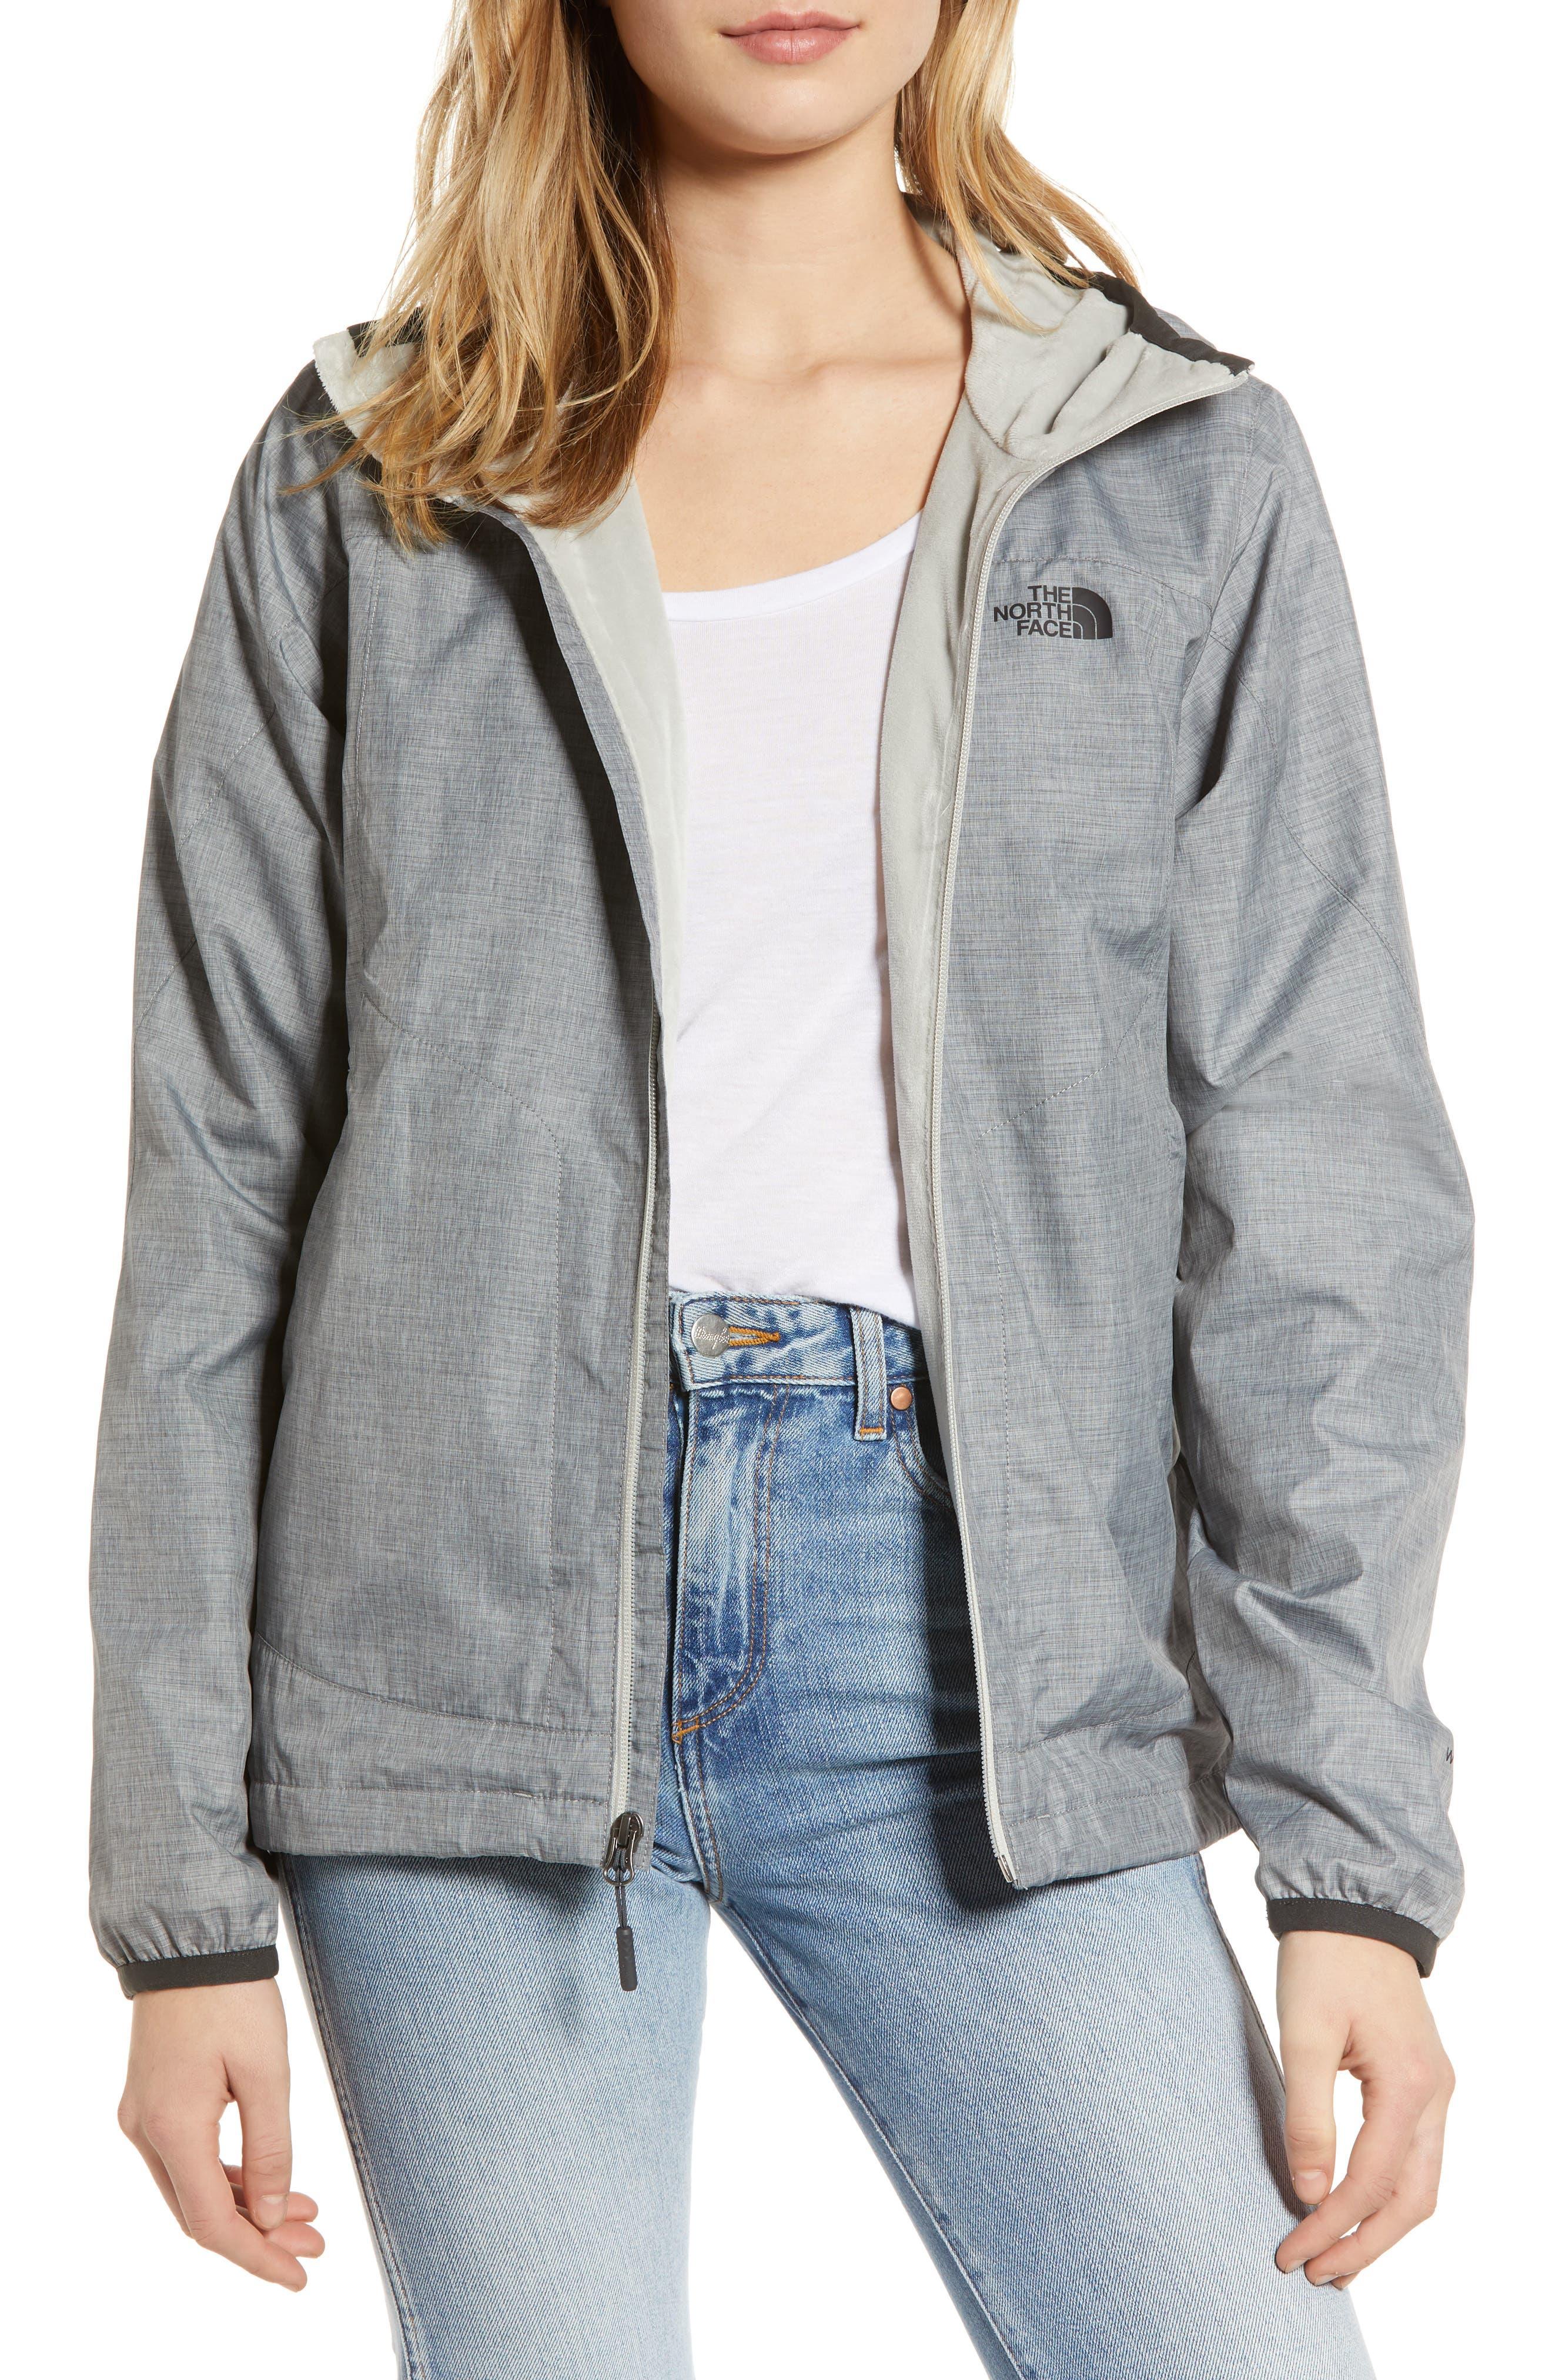 THE NORTH FACE Pitaya 2 Hooded Jacket, Main, color, 021